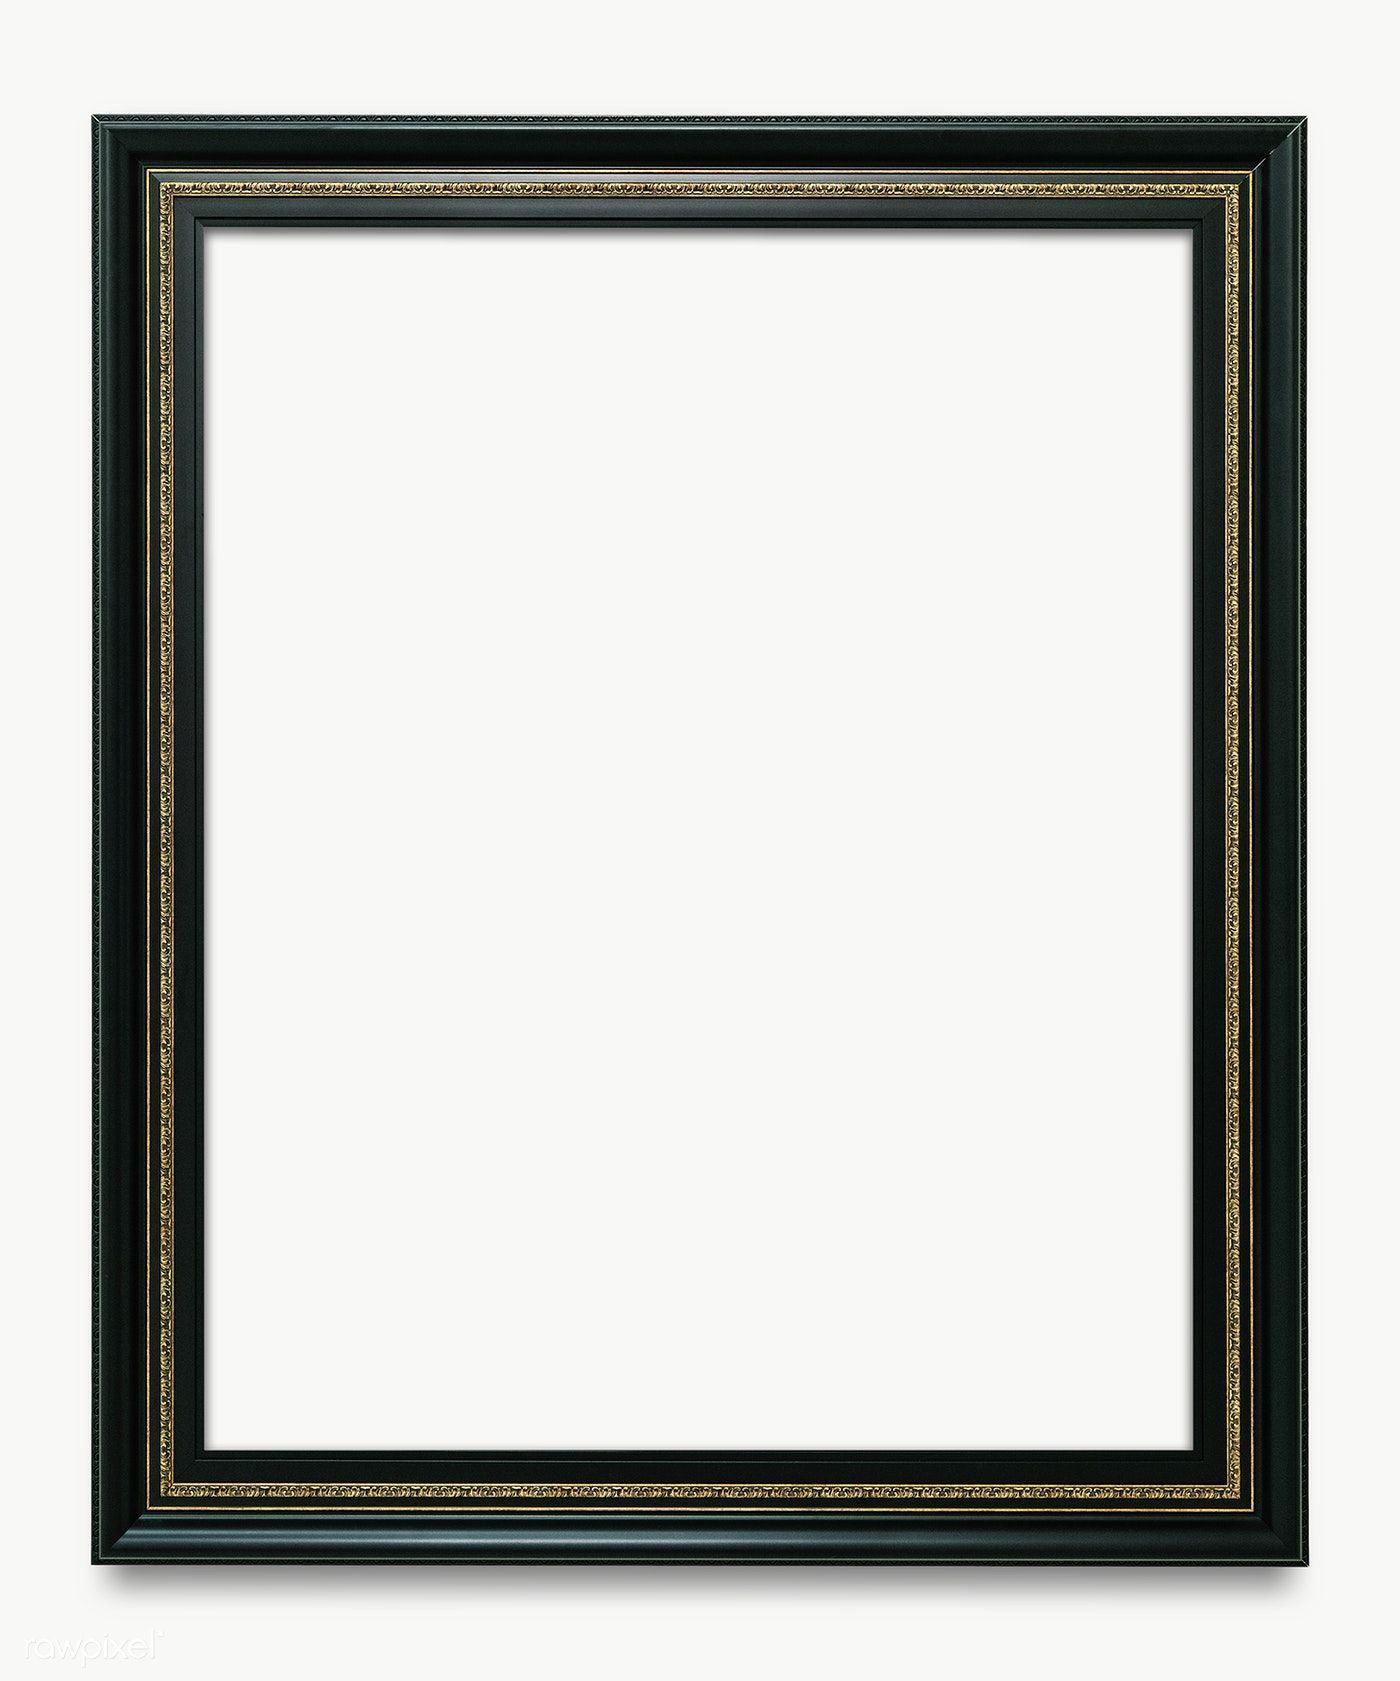 Black Picture Frame Transparent Png Premium Image By Rawpixel Com Black Picture Frames Picture Frames Frame